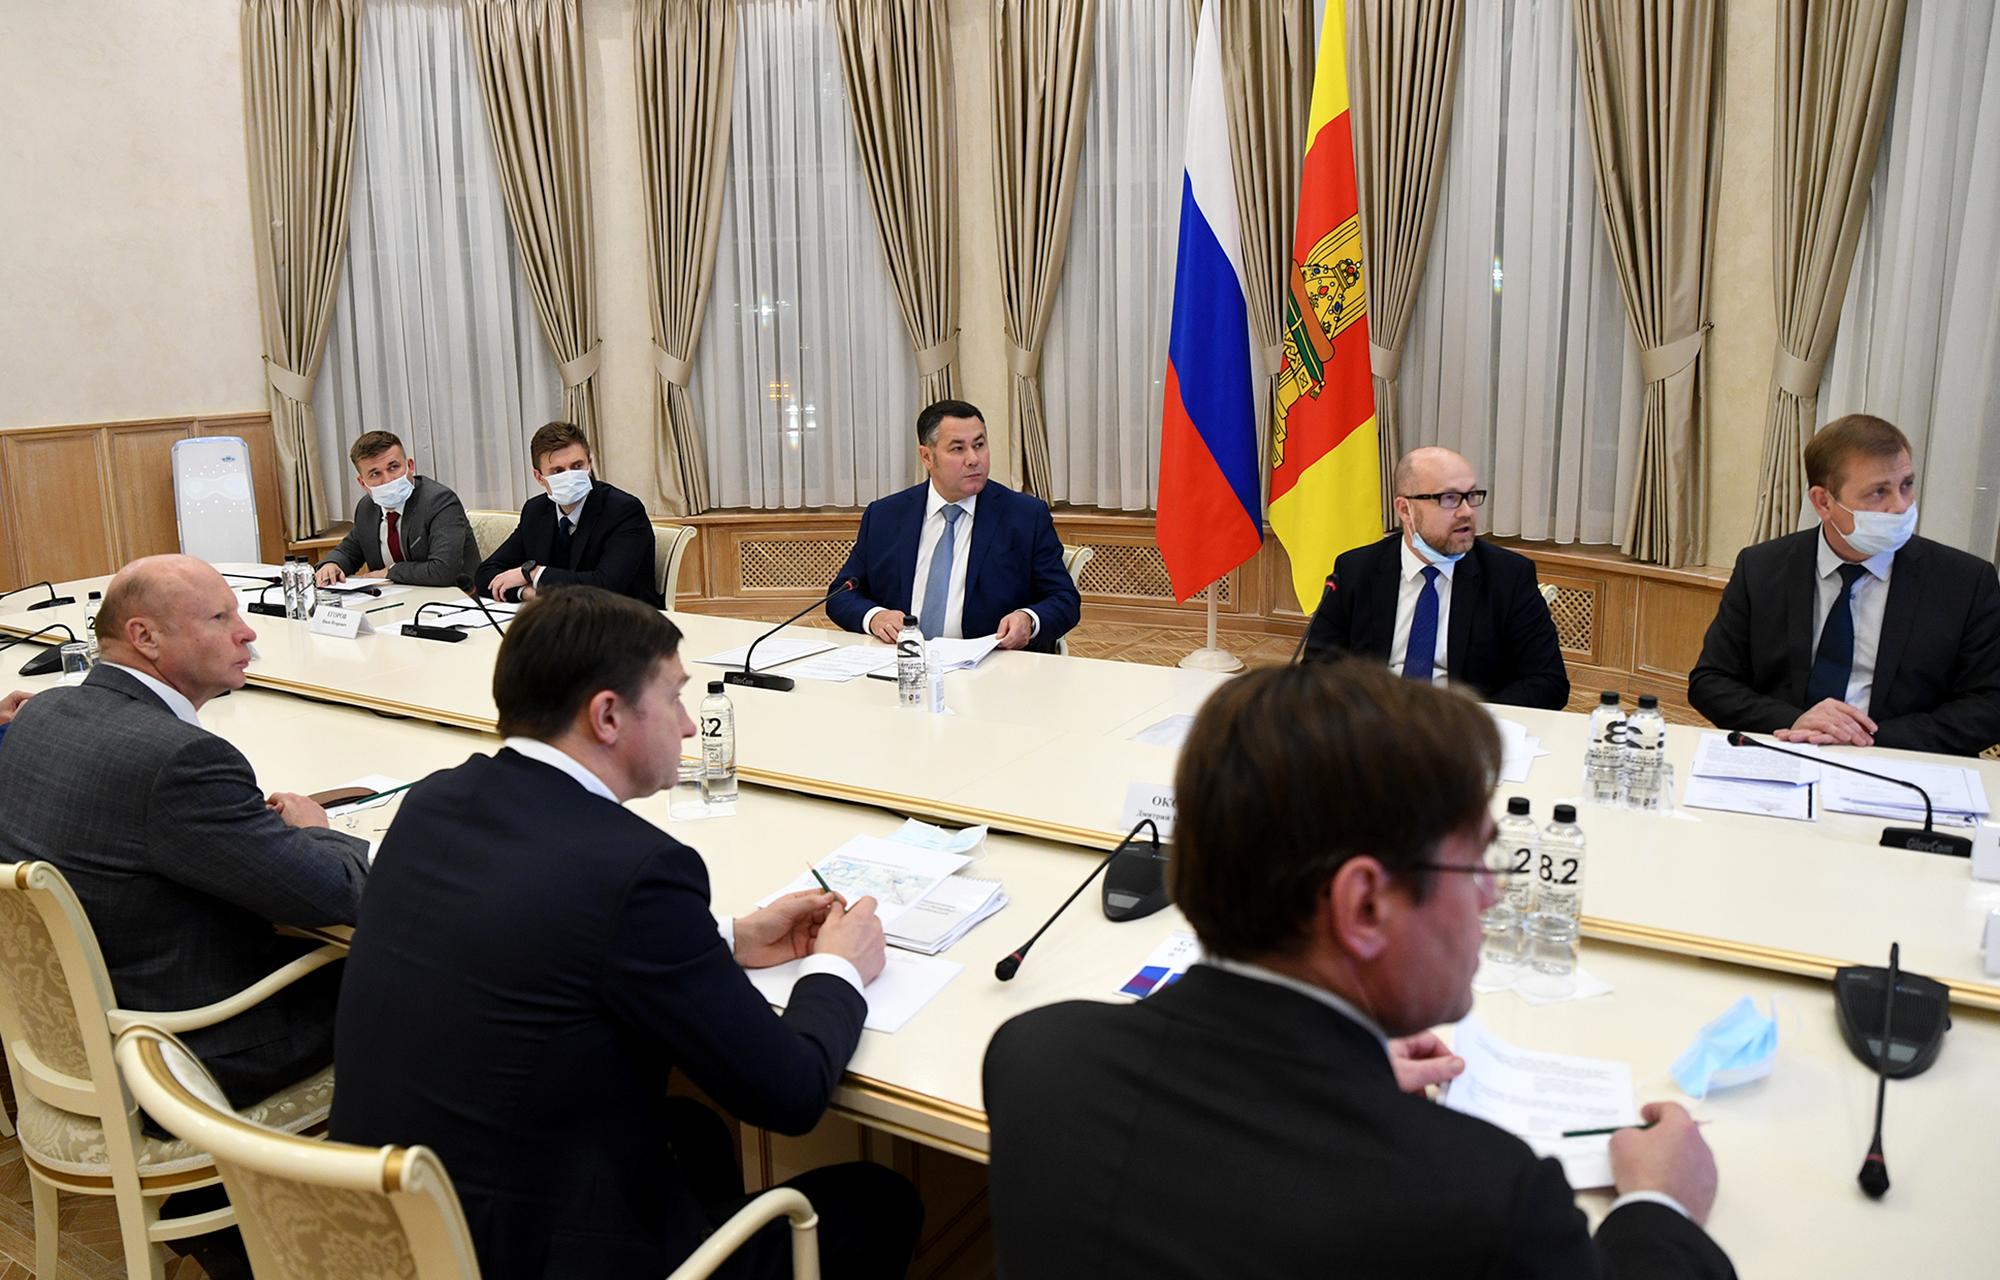 Игорь Руденя и Сергей Бачин обсудили развитие инвестиционного проекта «Волжское море»